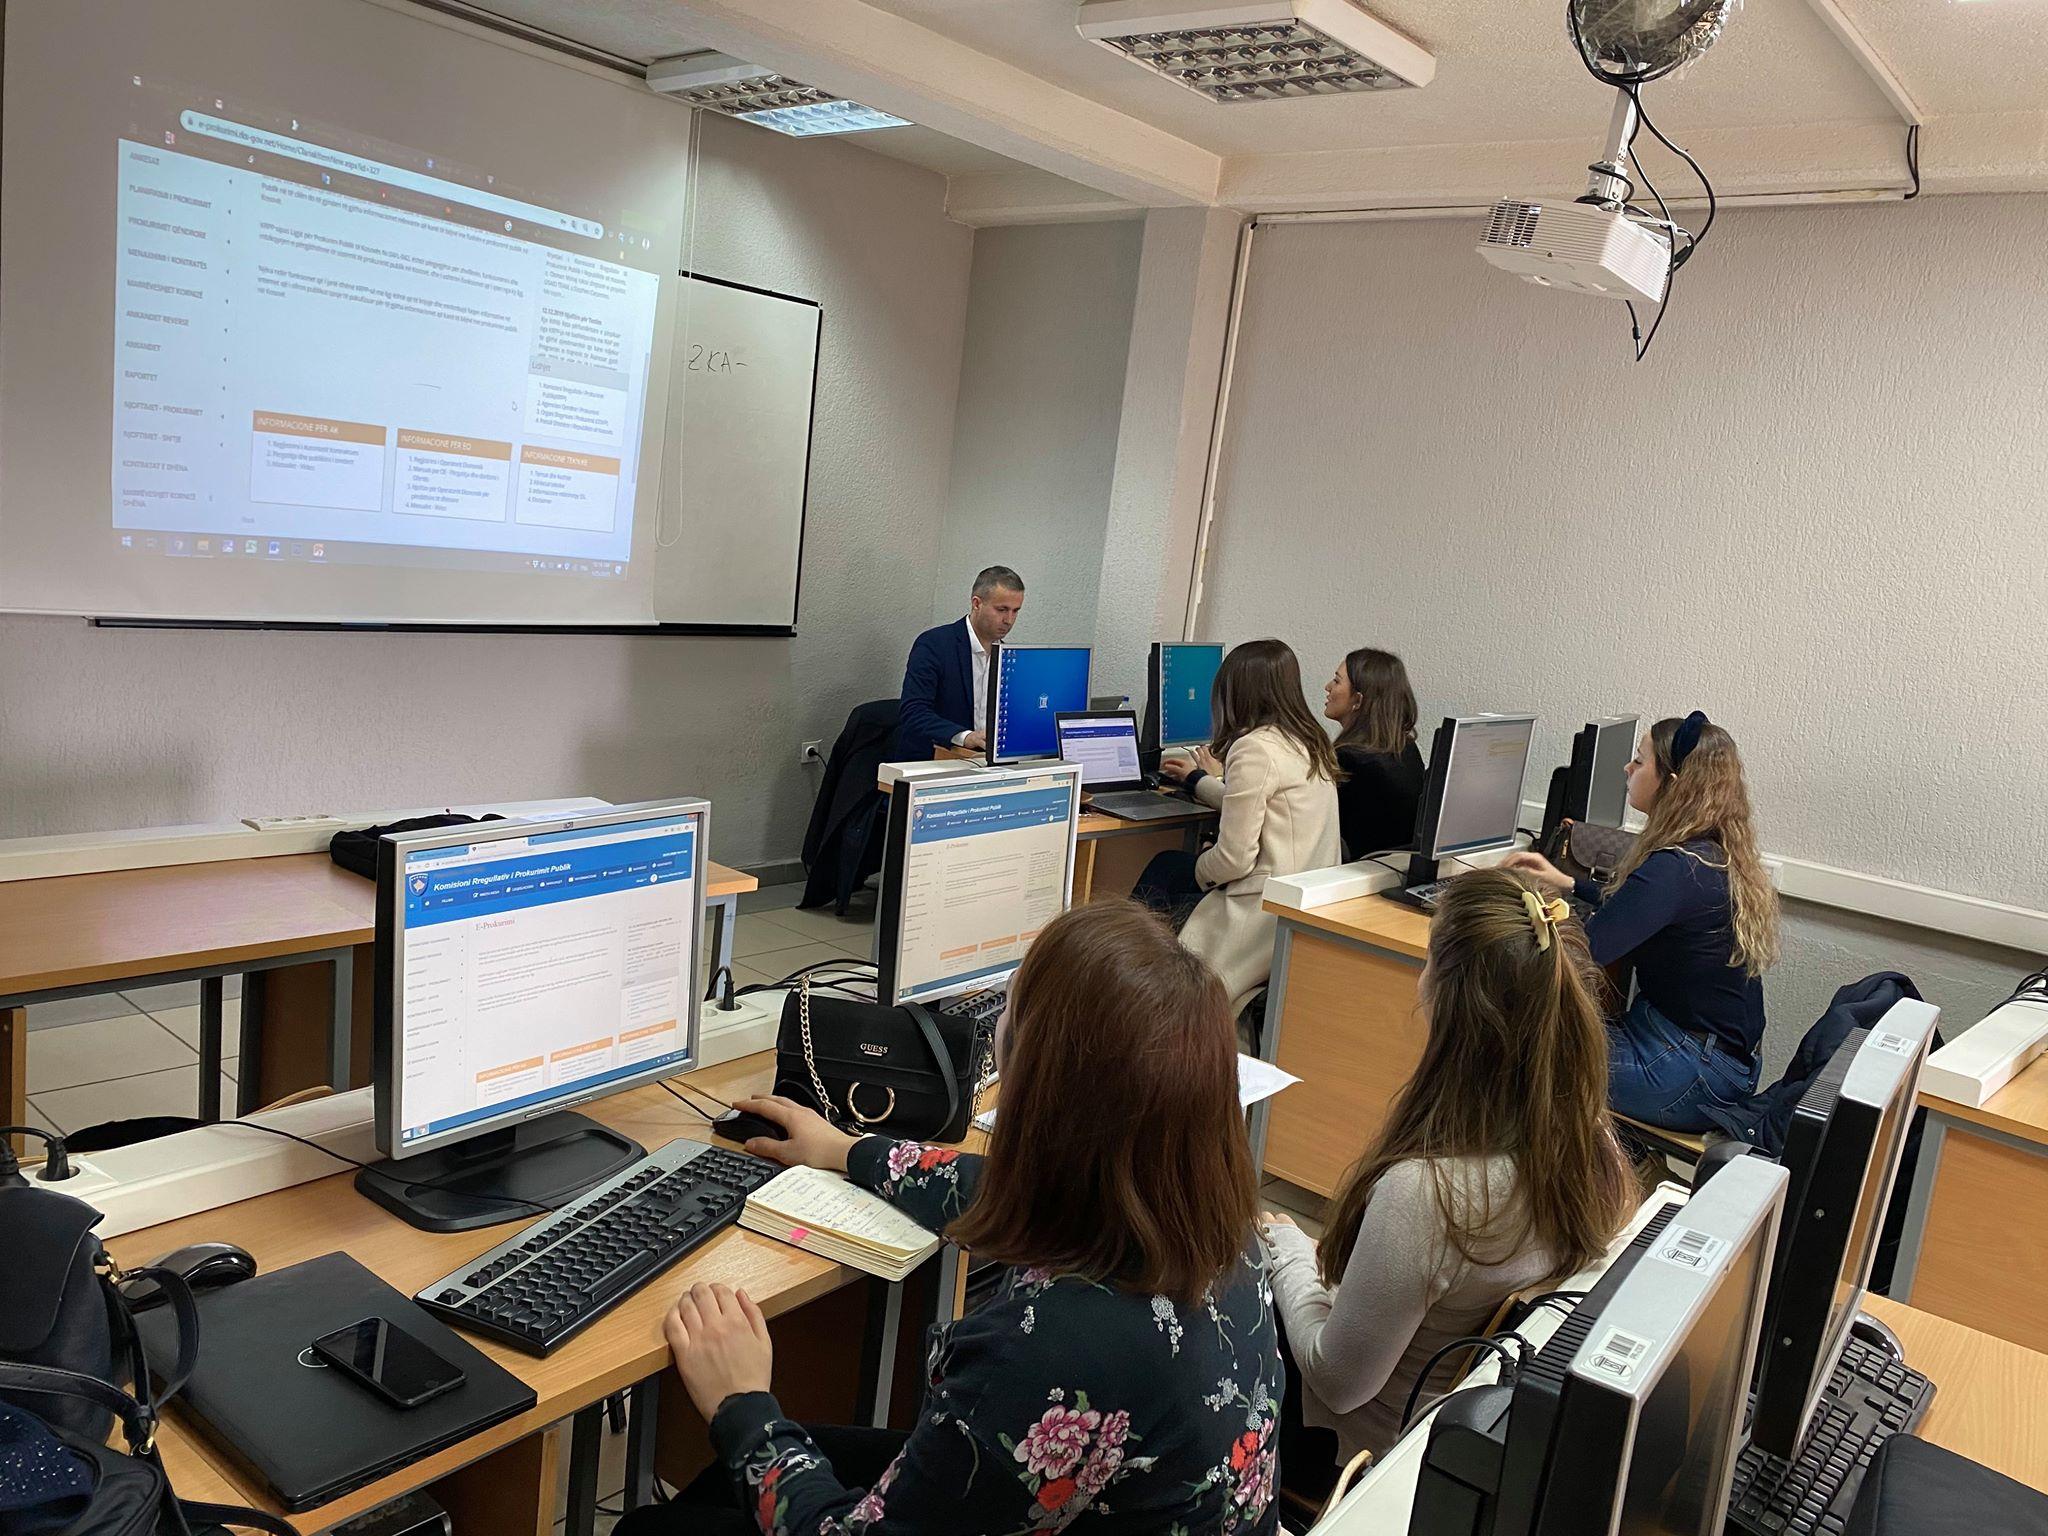 Studentët e MBE-së përfitojnë njohuri të reja për Prokurimin Publik dhe Privat